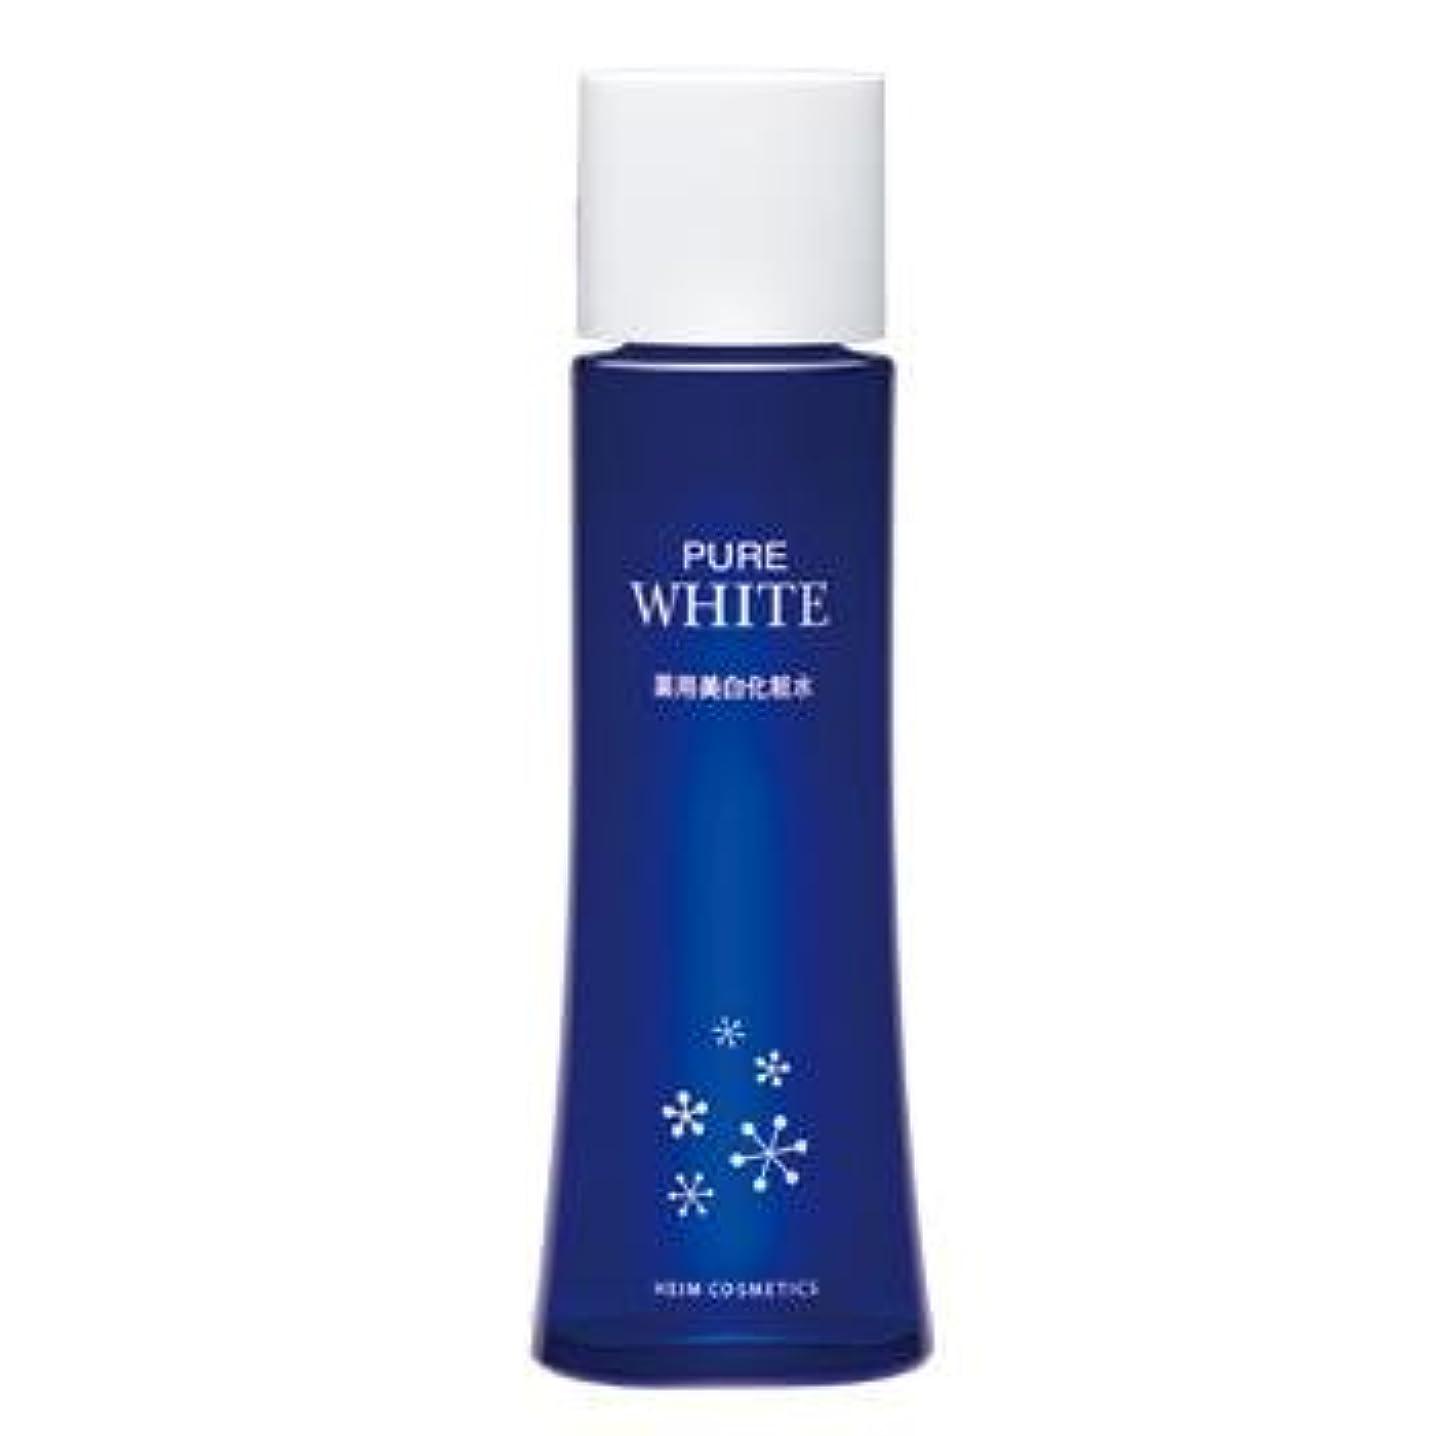 振り返る精神的にとは異なりハイム化粧品/薬用ピュアホワイト/化粧水(しっとり)【乾燥しやすい肌に美白とうるおいを】